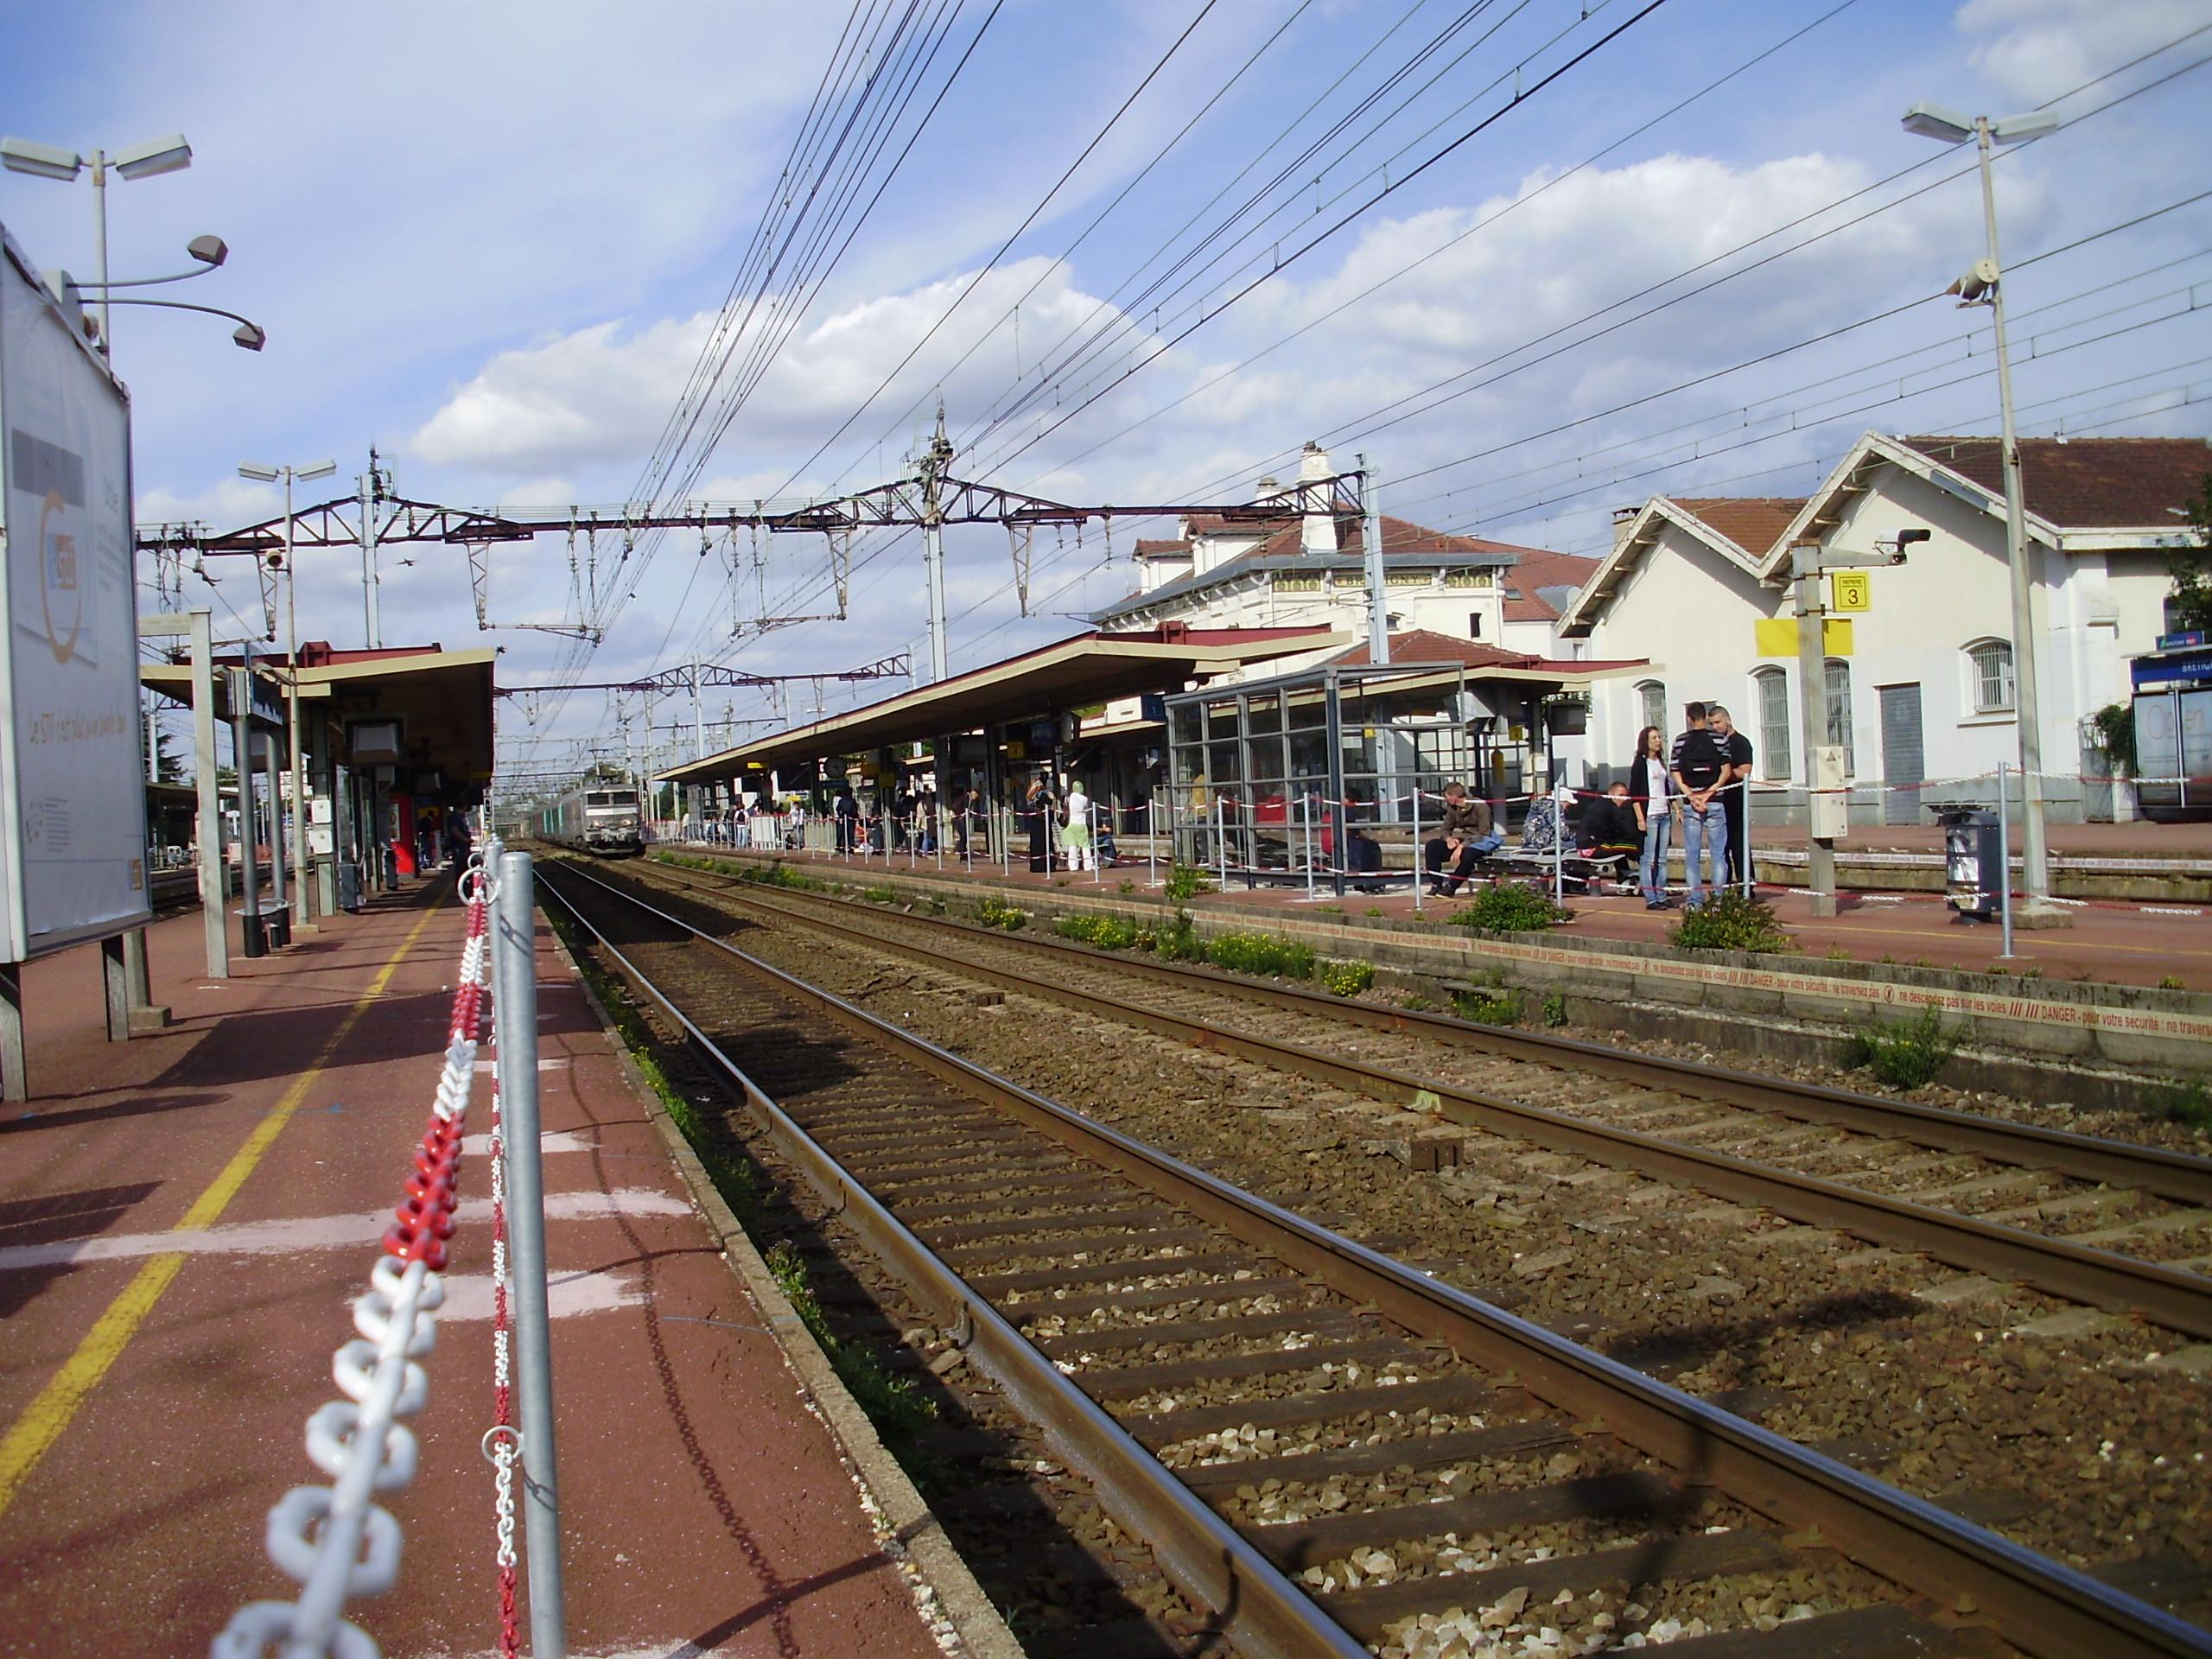 Gare_de_Br%C3%A9tigny_08.jpg